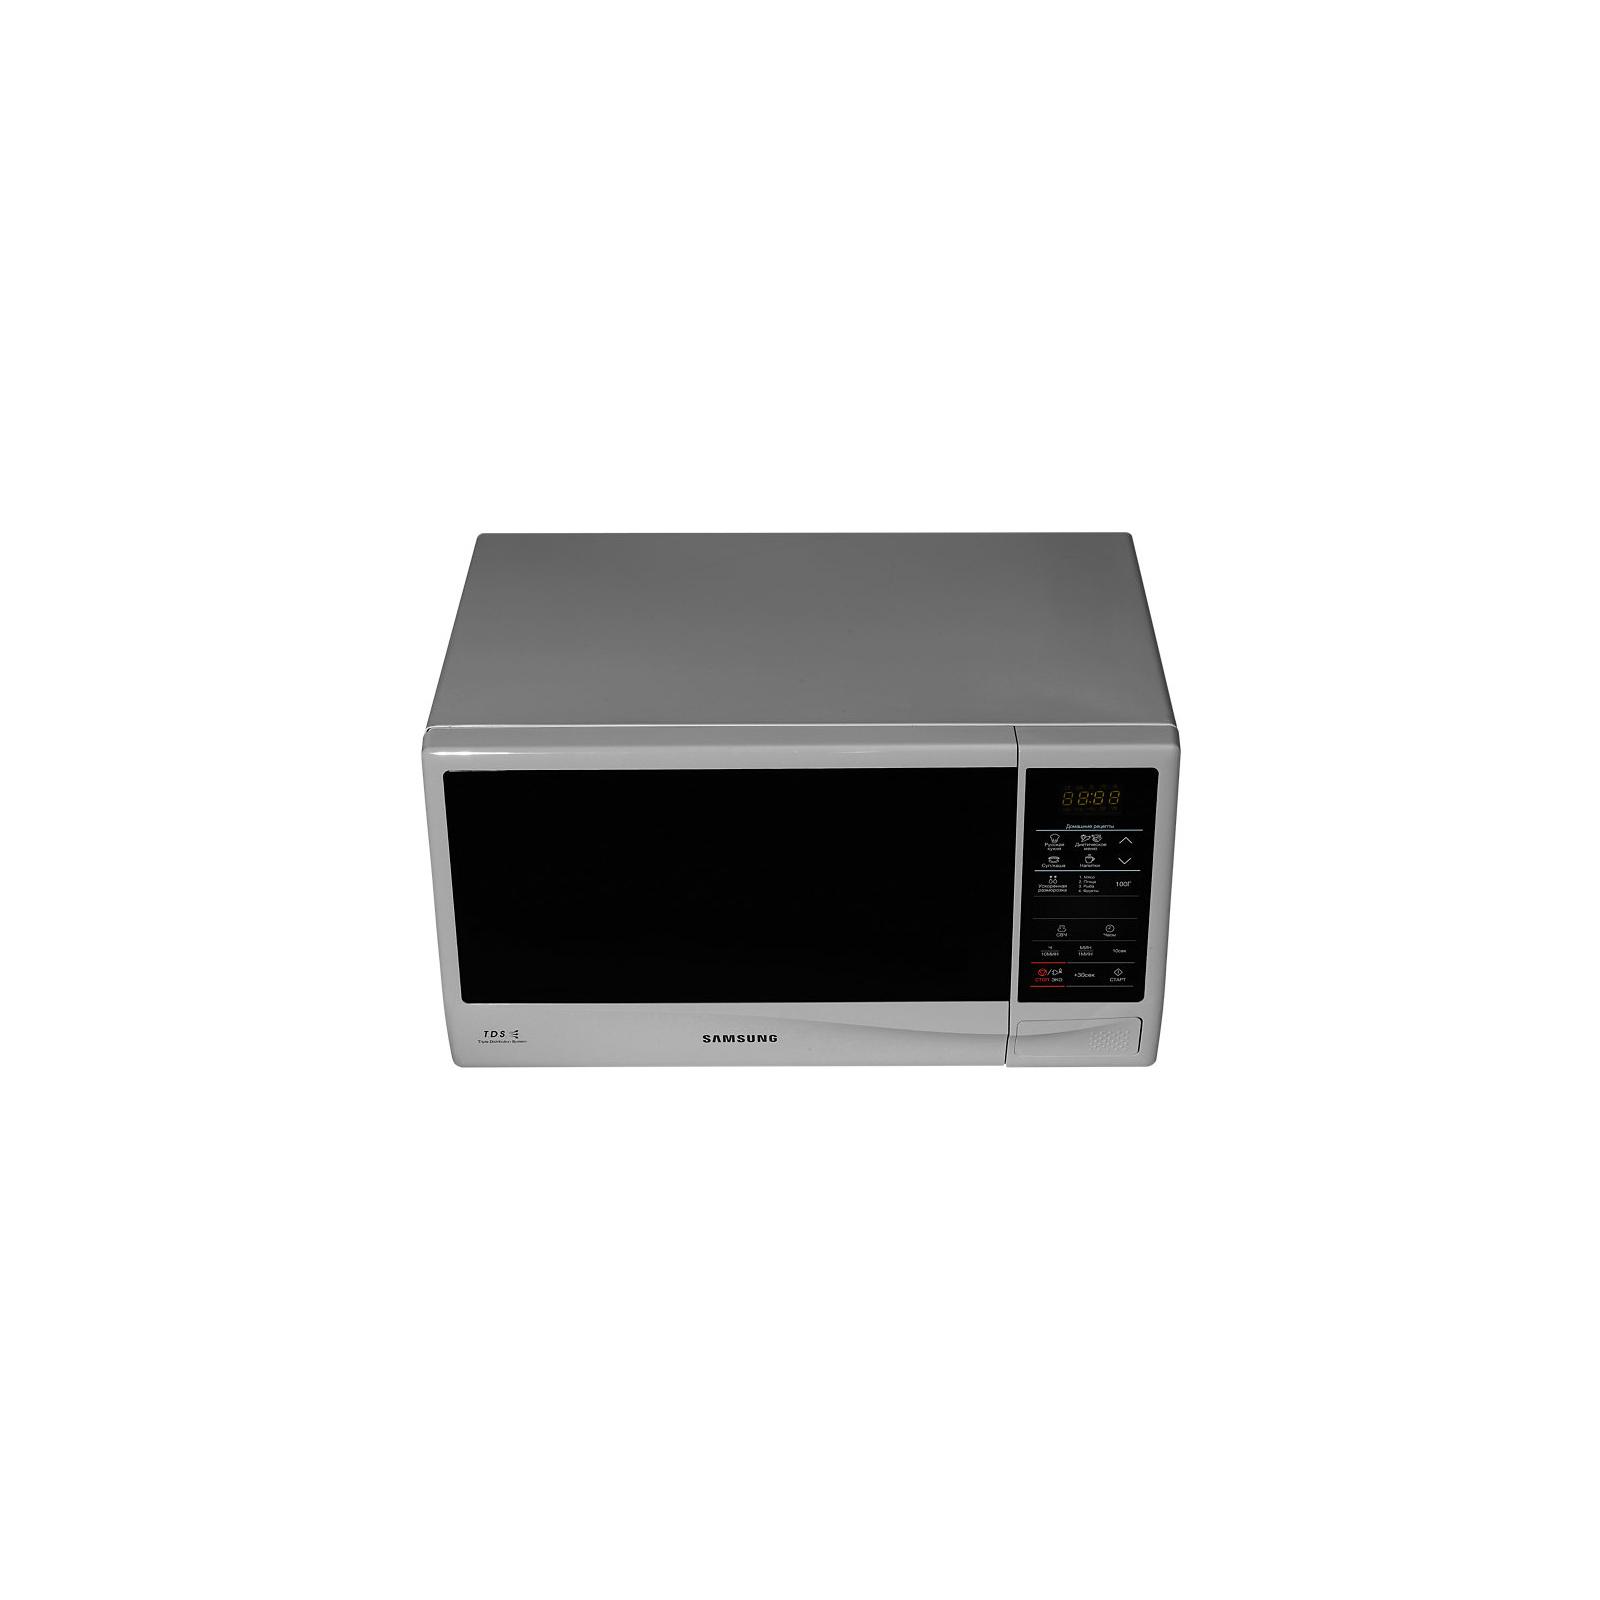 Микроволновая печь Samsung ME 83 KRS-2/BW (ME83KRS-2/BW) изображение 3